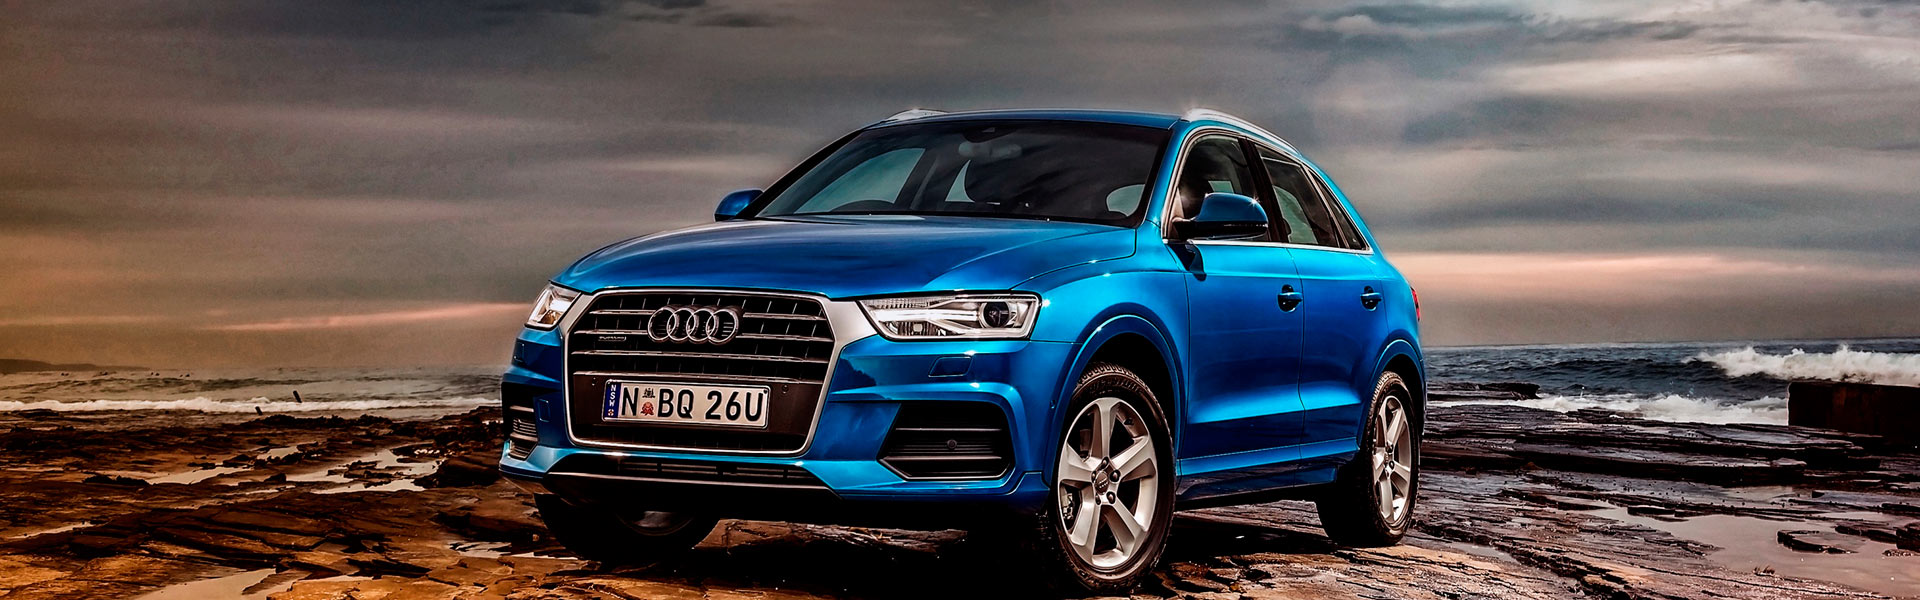 Покраска кузова Audi